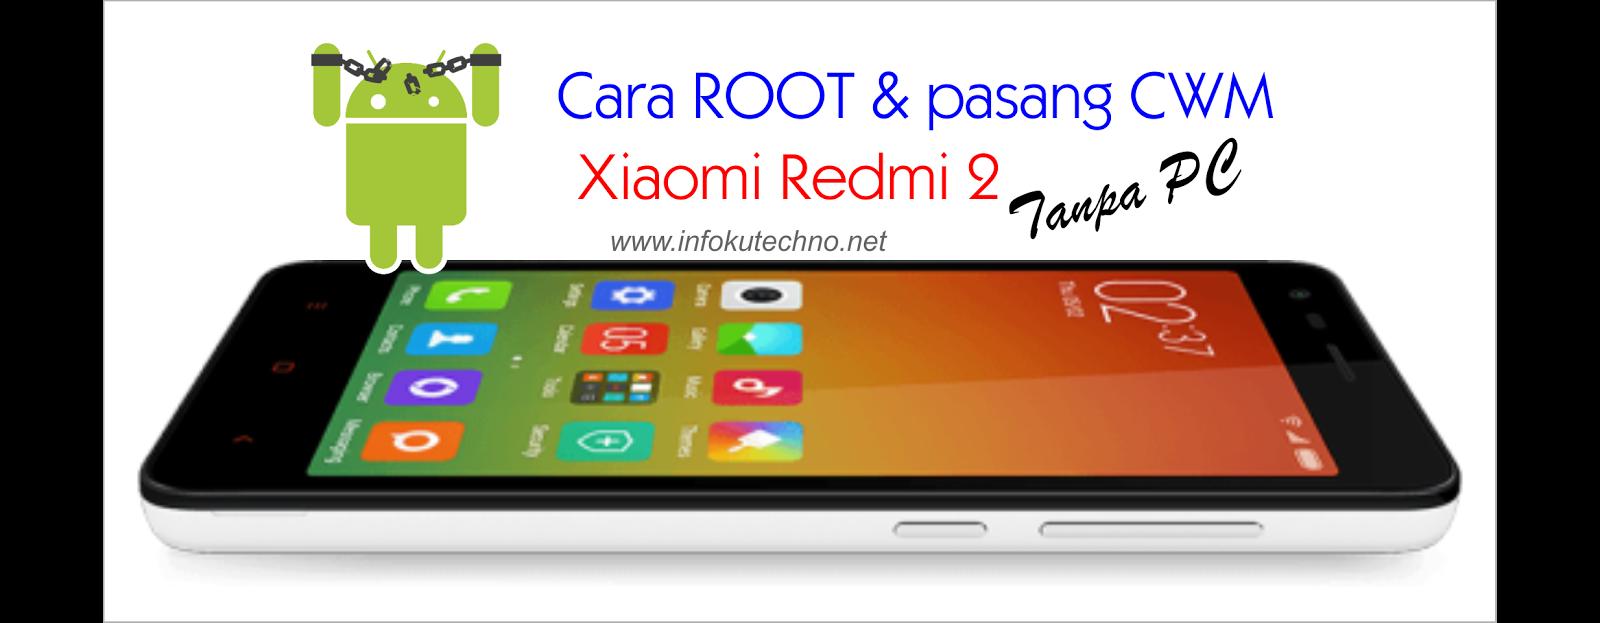 Cara pasang CWM dan Root pada Xiaomi Redmi 2 Tanpa PC